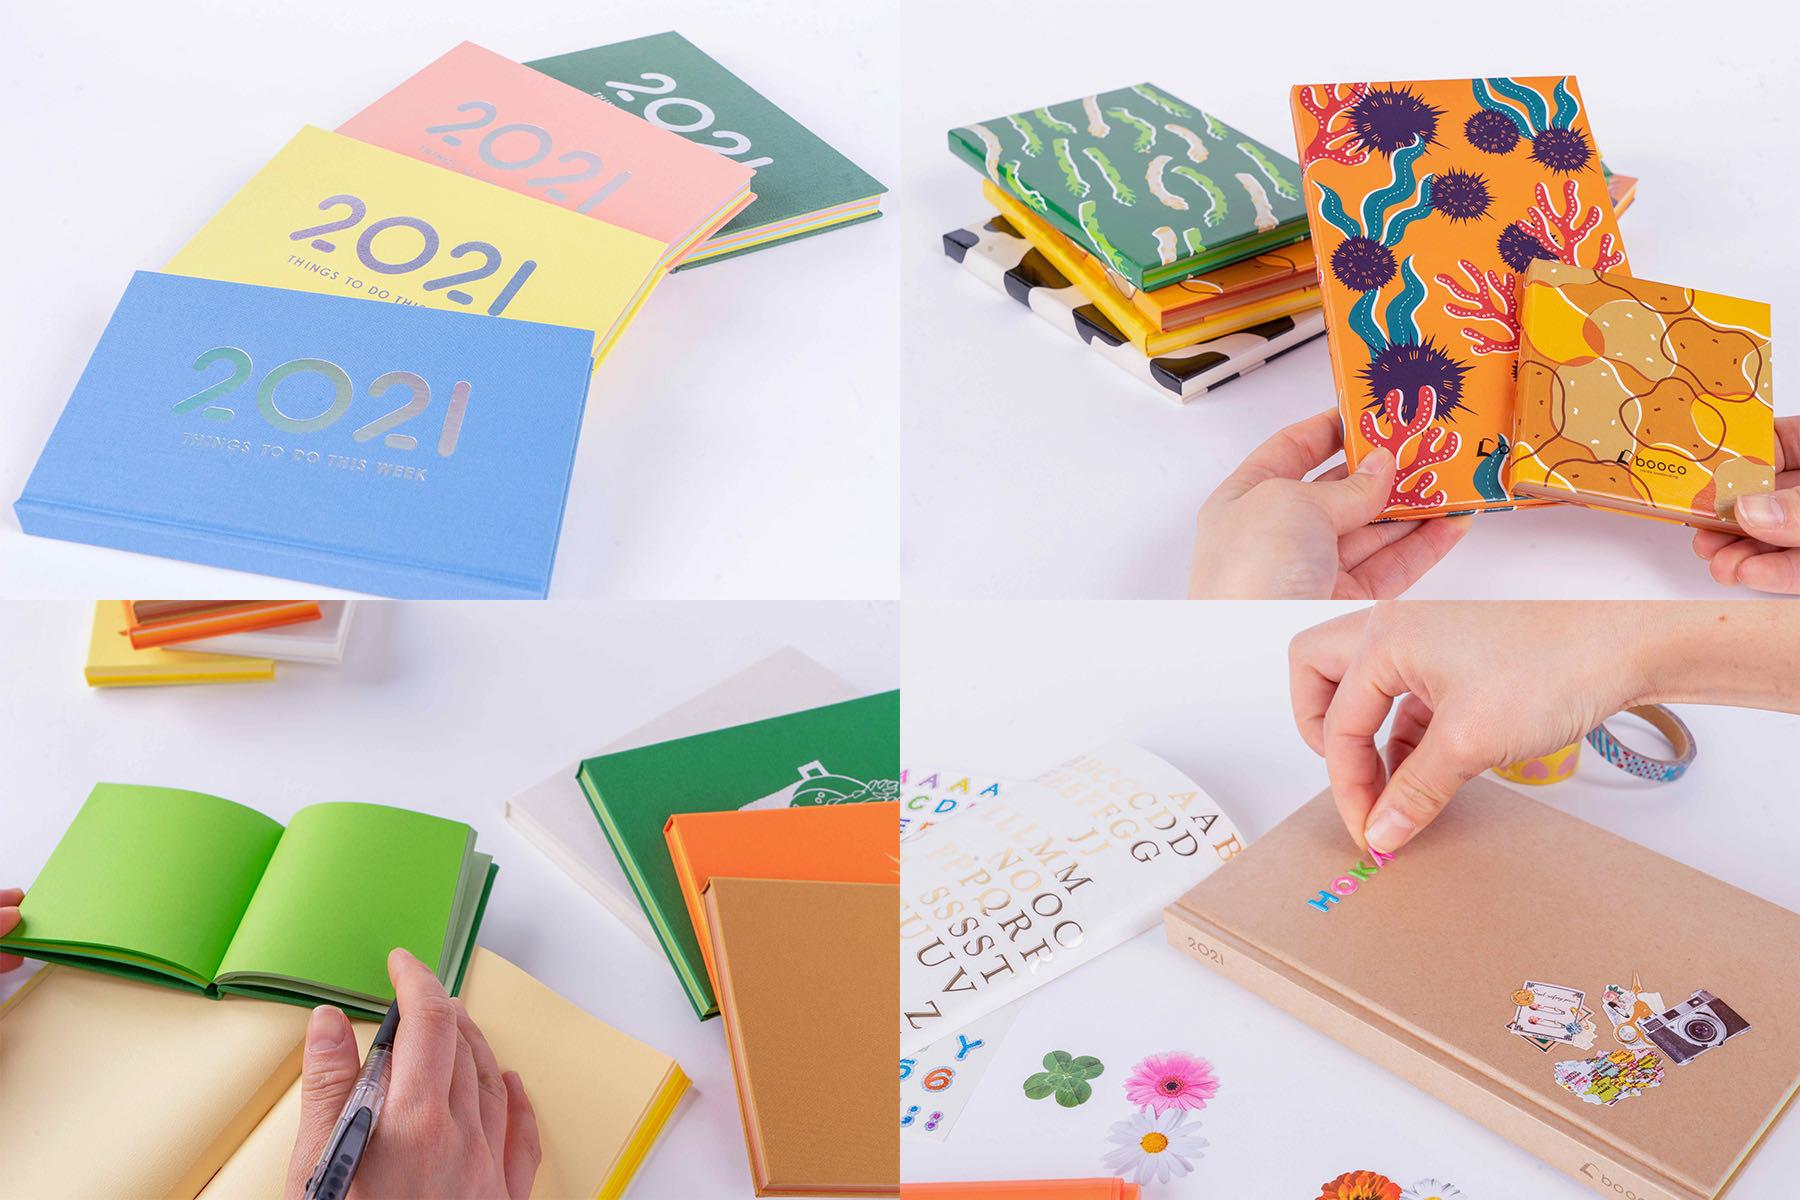 石田製本のオリジナル文房具boocoシリーズ,カラフルなノート・メモ帳・日記帳